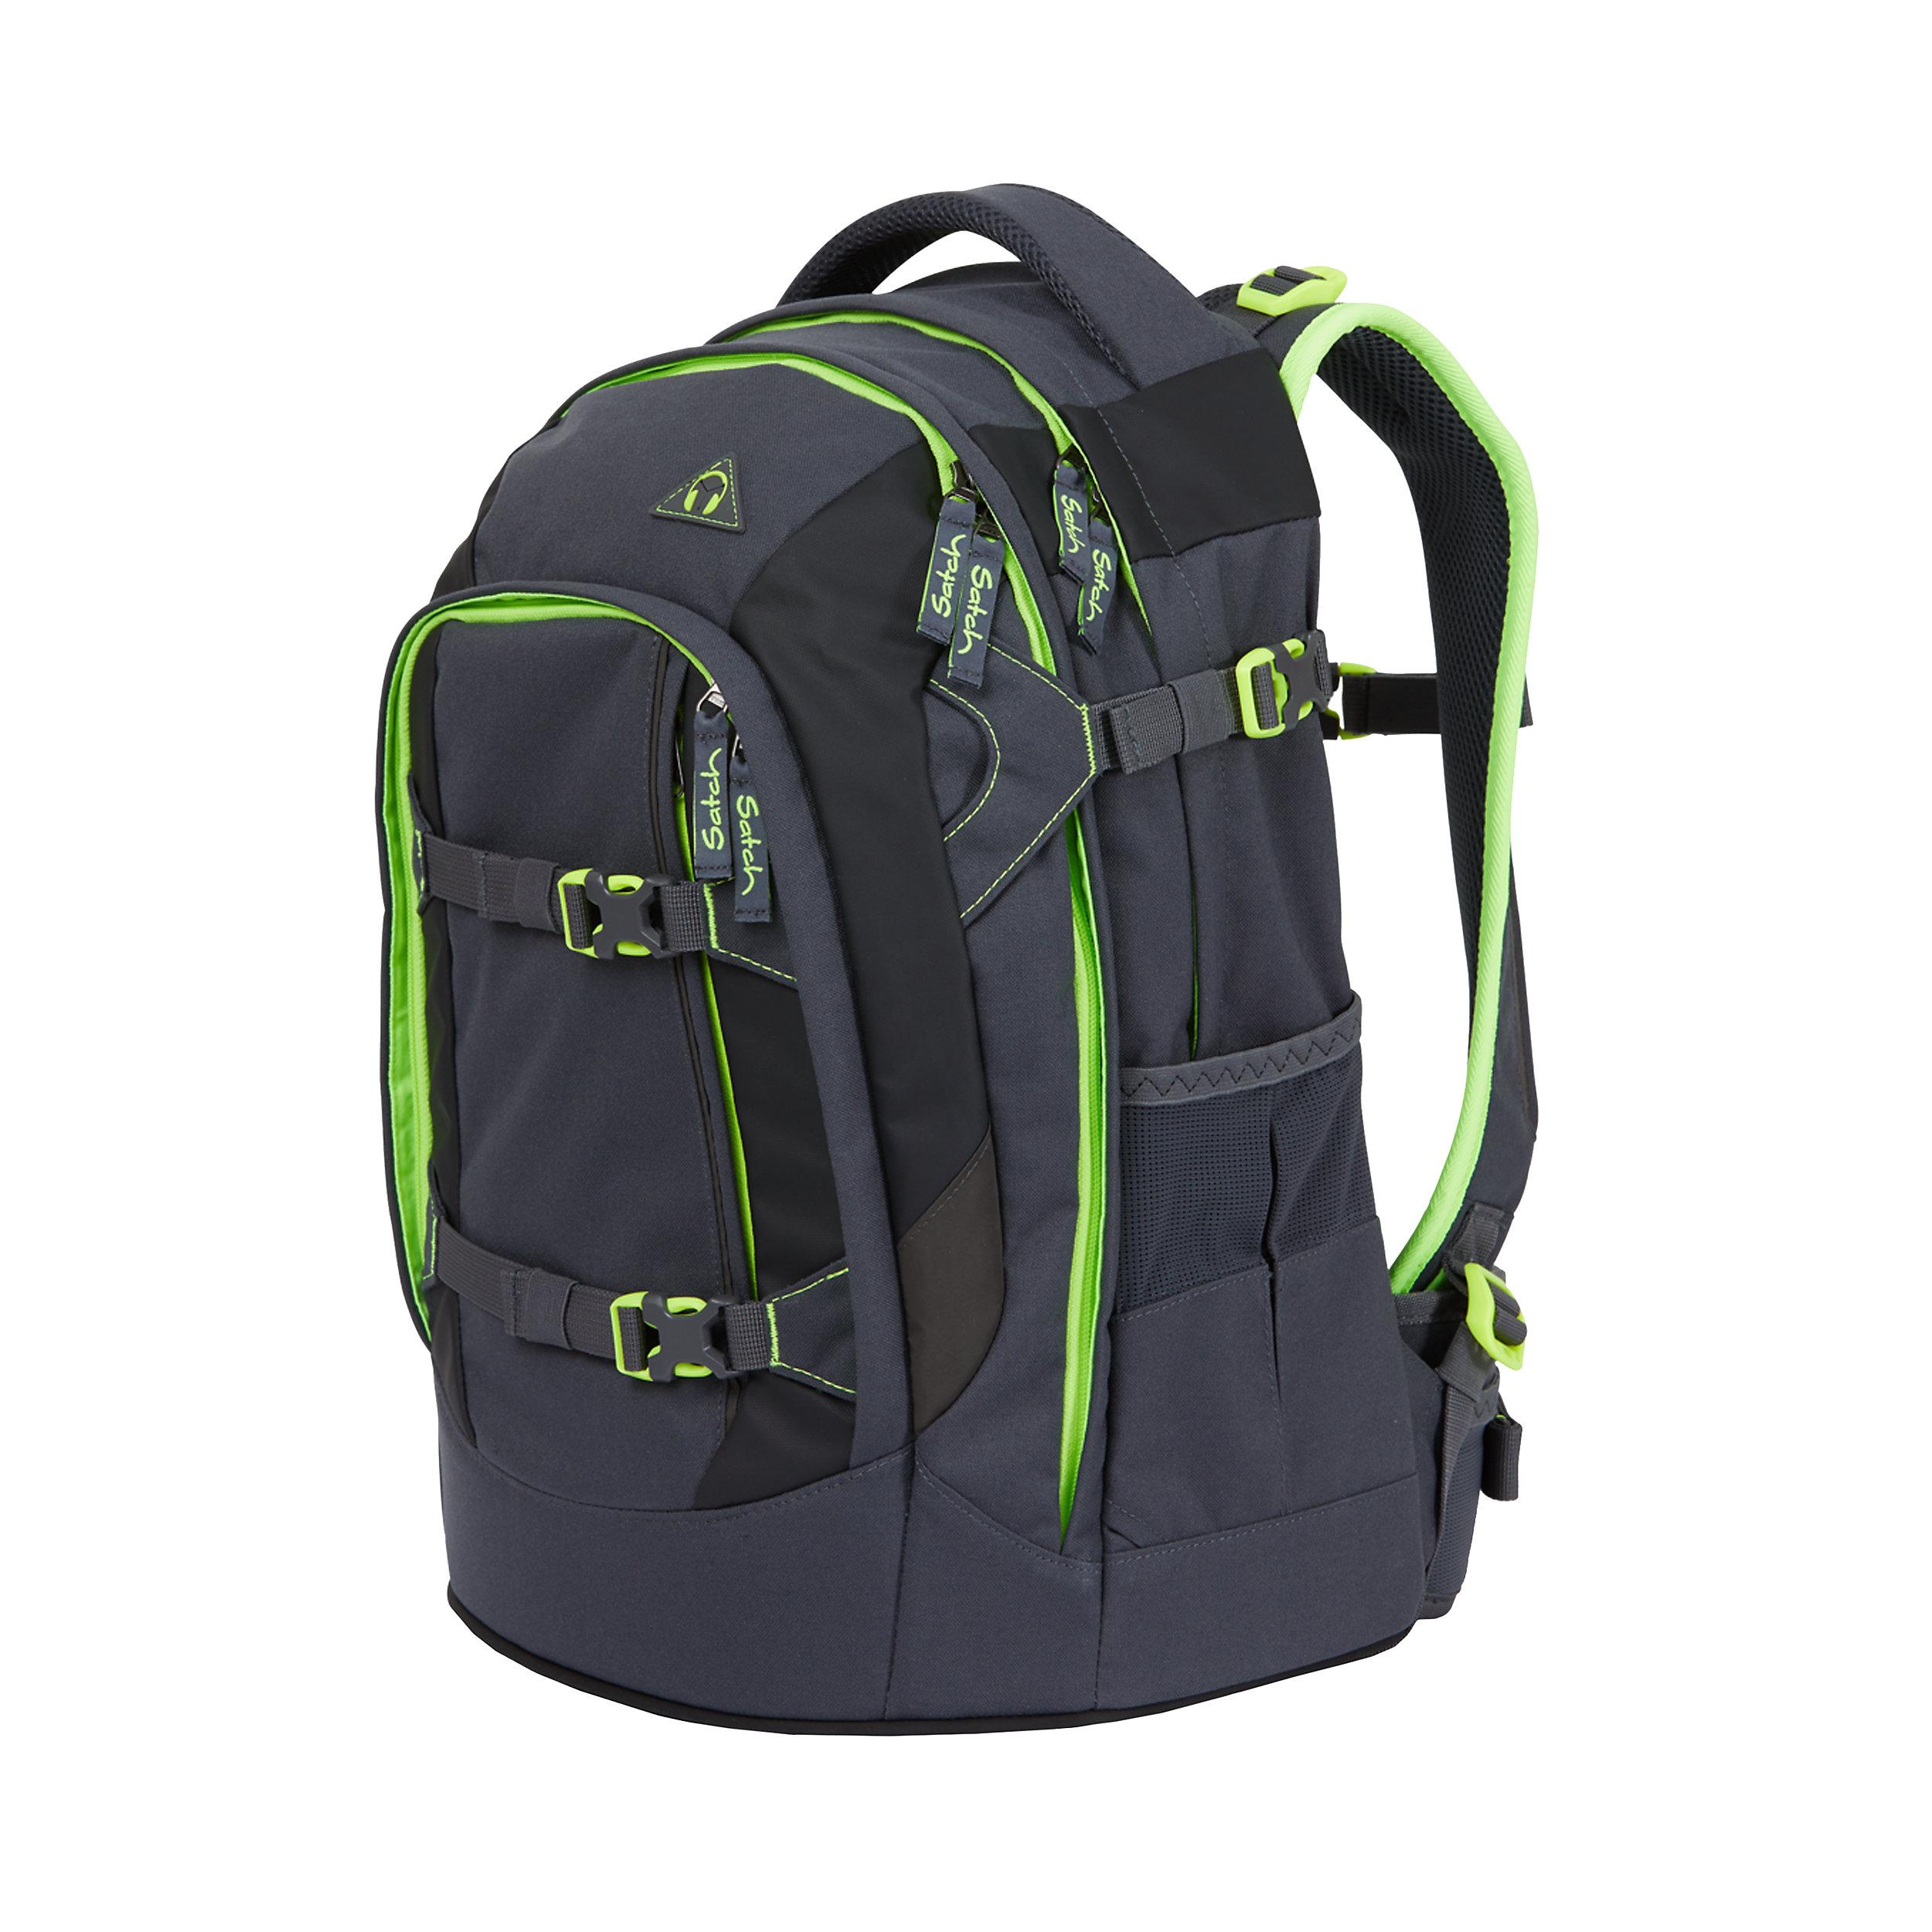 School Backpack Pack 30 Liter